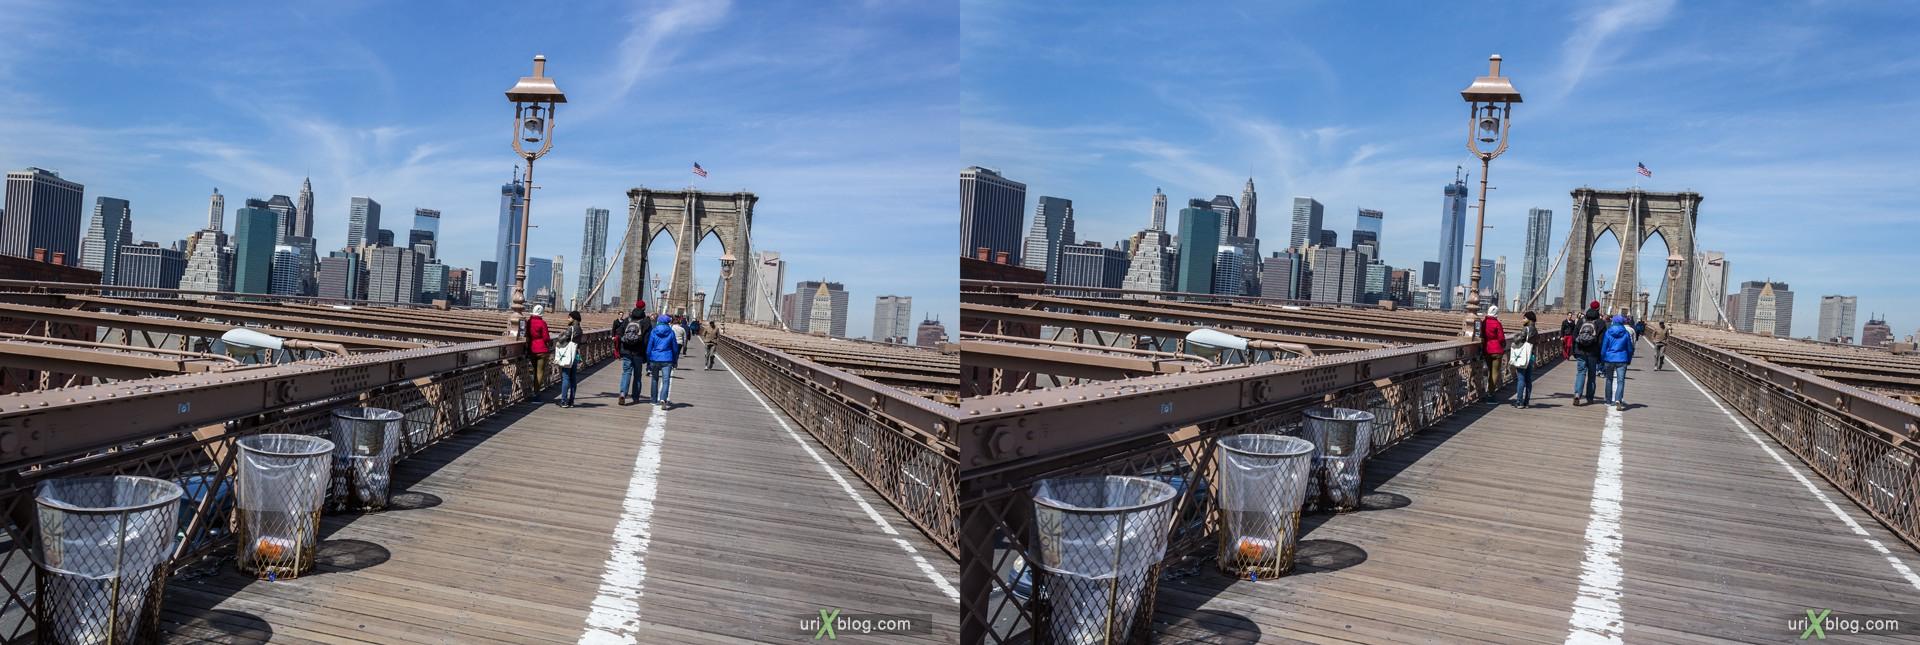 2013, Бруклинский мост, Нью-Йорк, США, 3D, перекрёстные стереопары, стерео, стереопара, стереопары